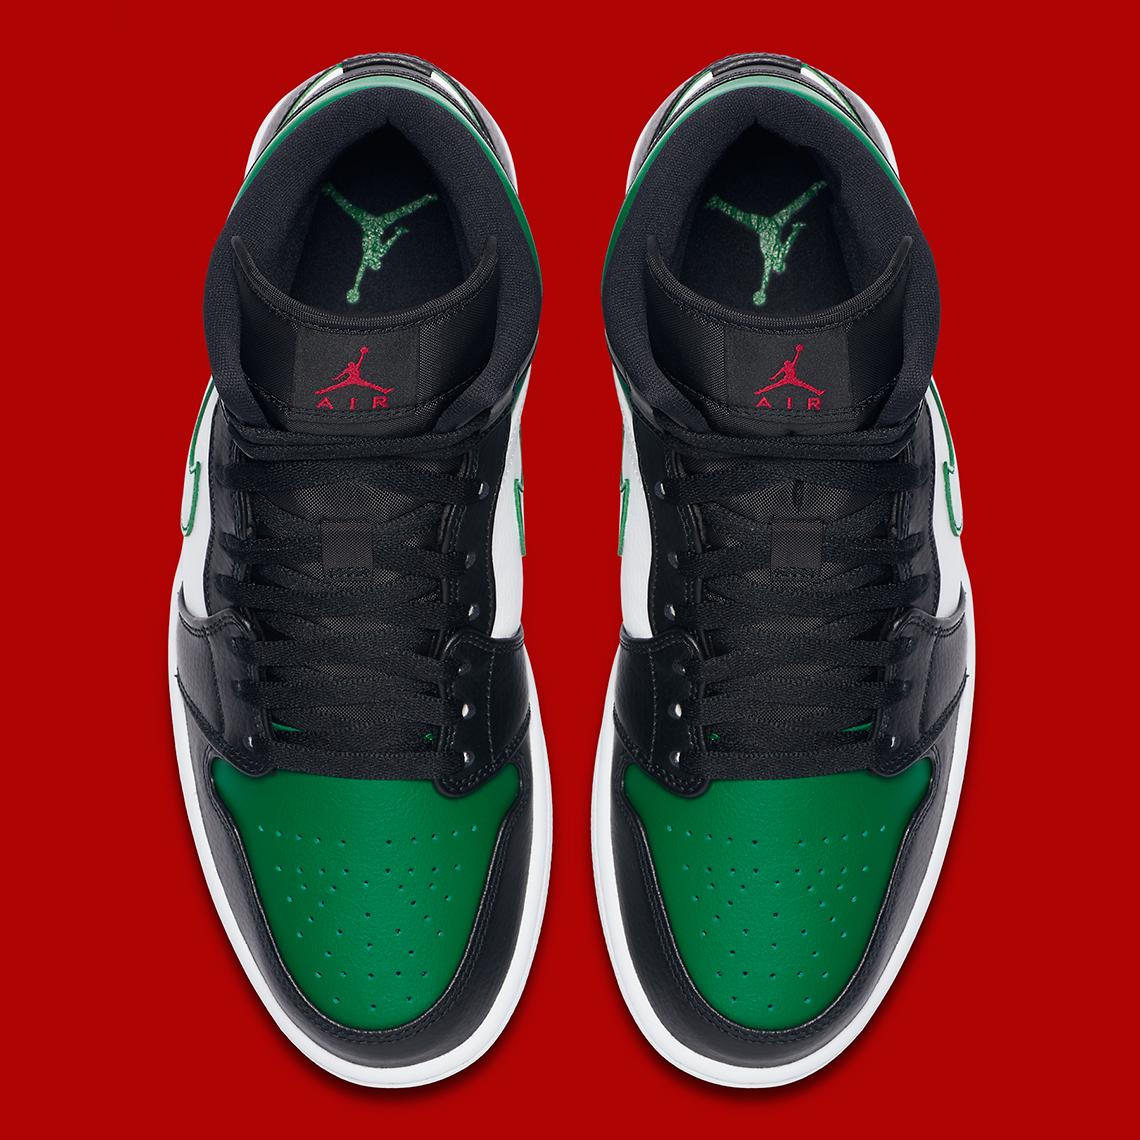 Air Jordan 1 Mid Dressed In Christmas